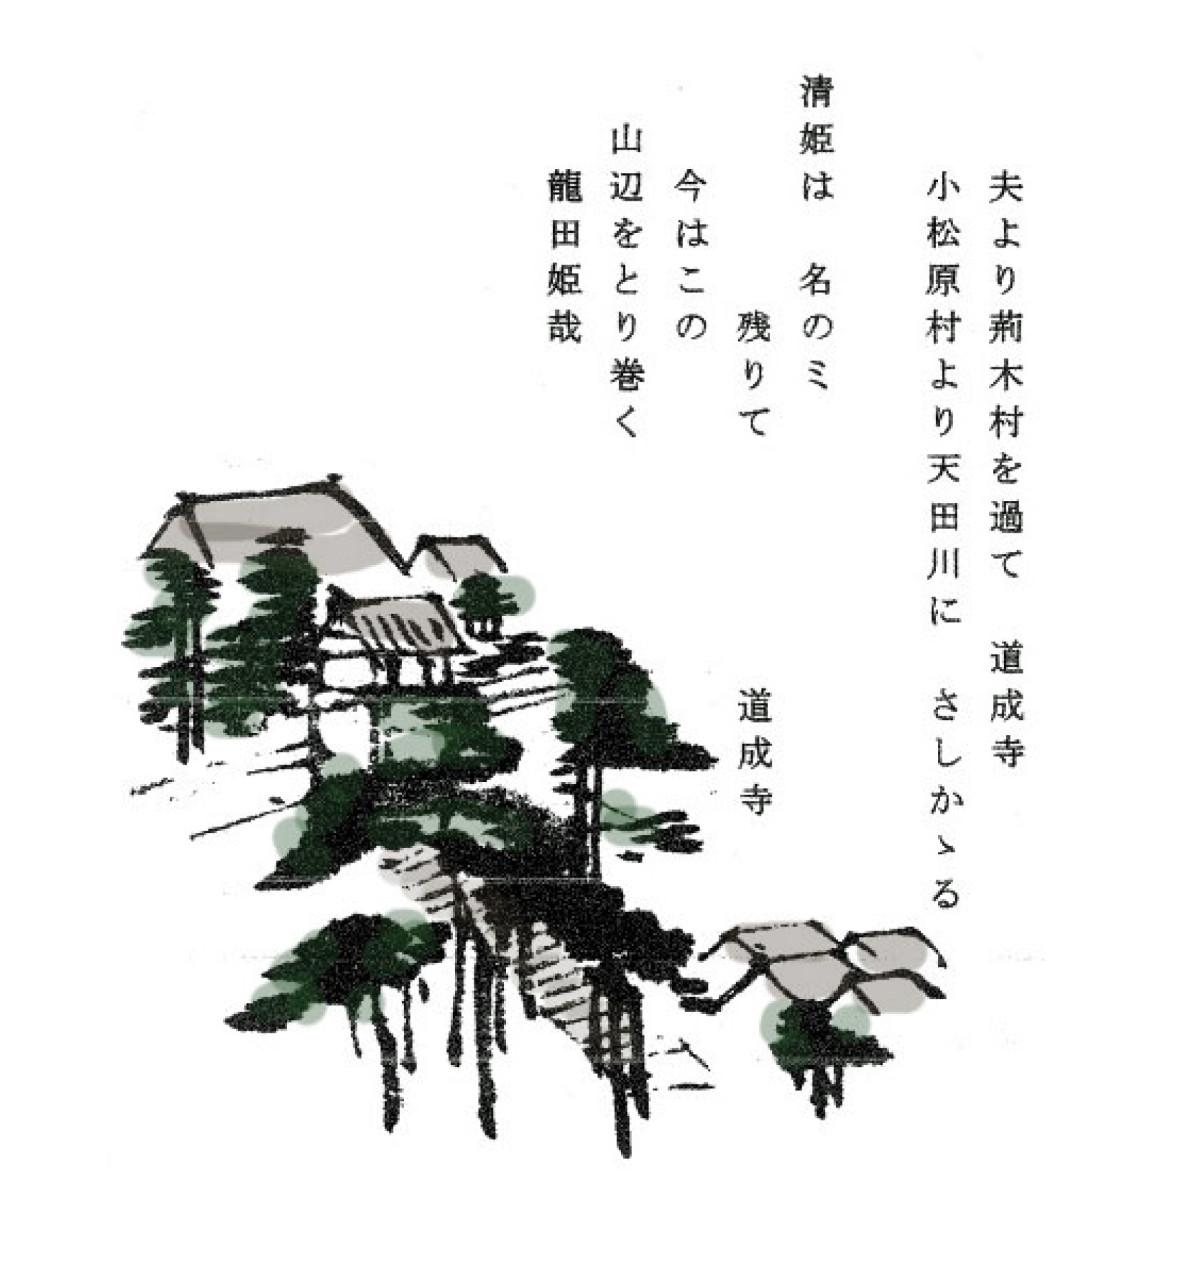 道成寺創建の時代 – 熊野古道 塩...